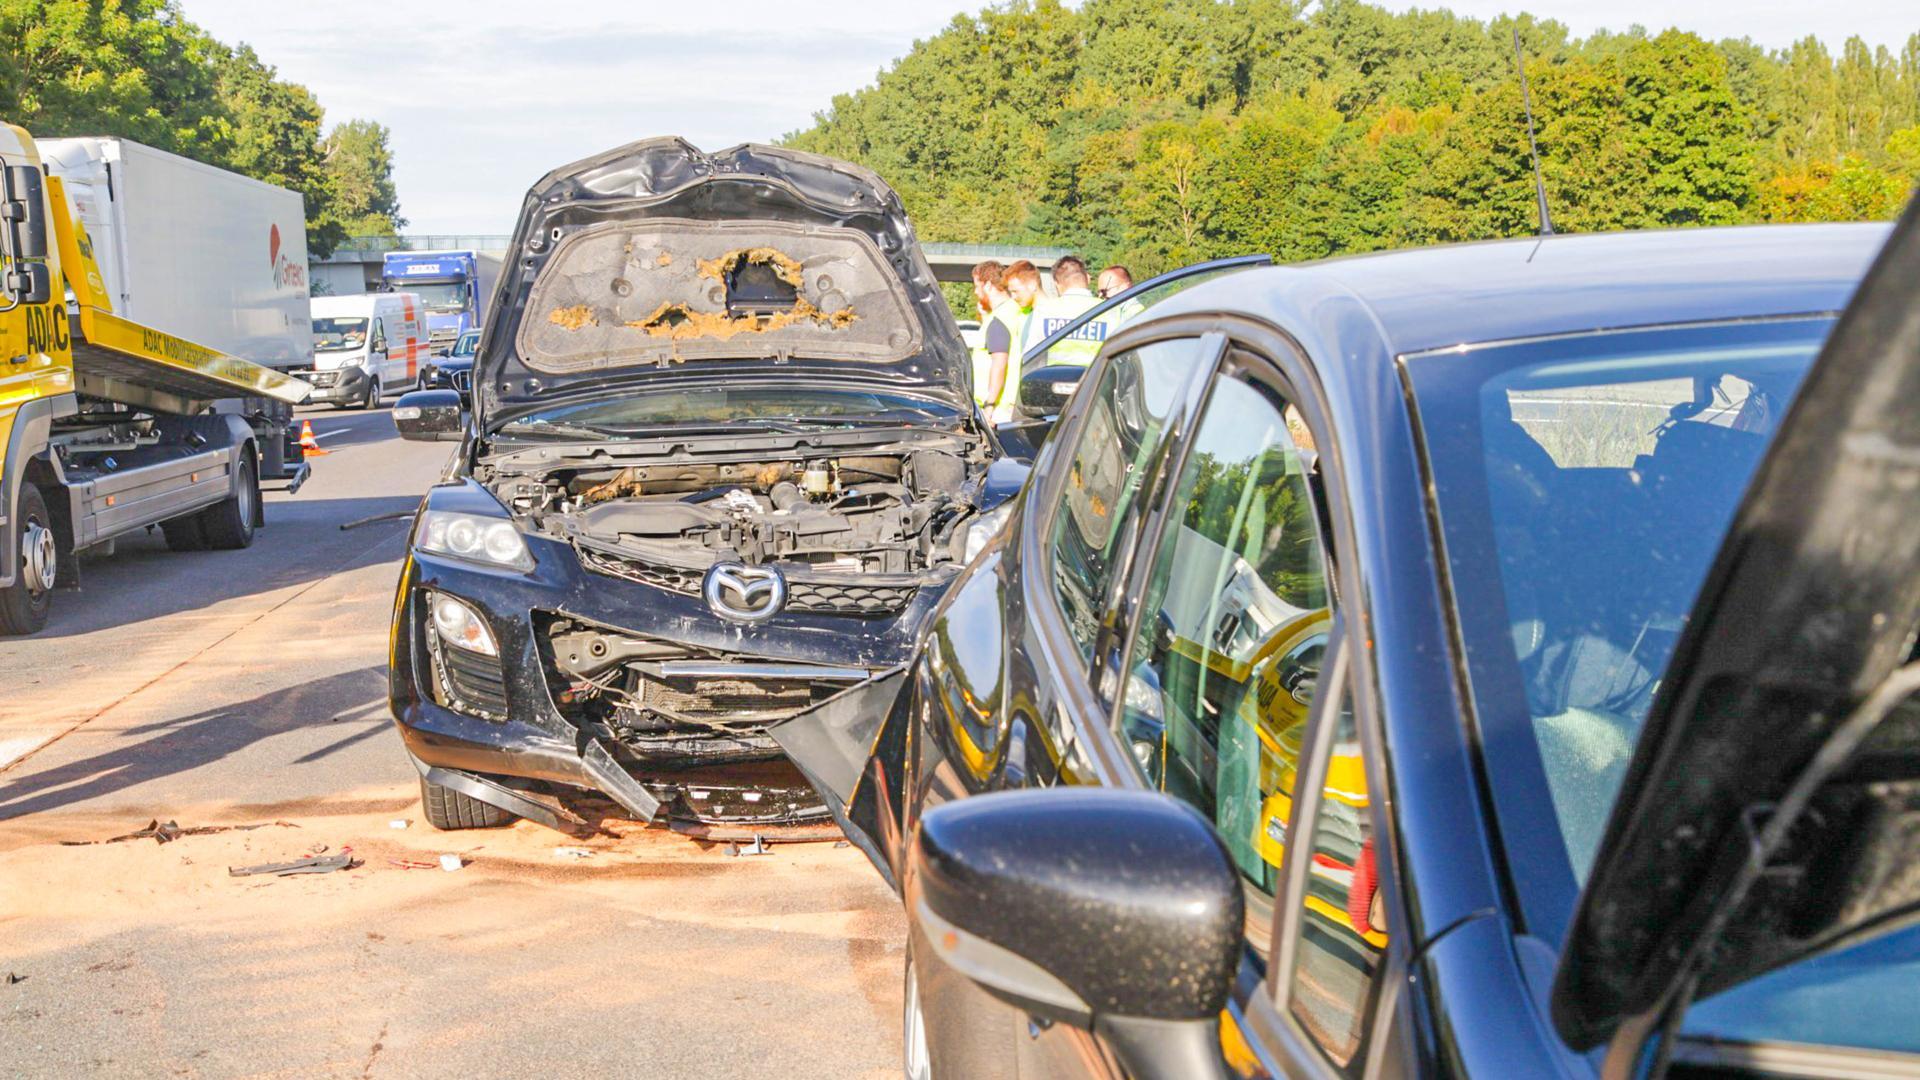 Bei dem Unfall in Fahrtrichtung Süden waren zwei Fahrzeuge beteiligt. Laut Polizei wurde ein Mensch dabei leicht verletzt. Auf der Gegenfahrbahn ereignete sich wenige hundert Meter südlich ein weitere Unfall, allerdings in die andere Richtung. Dort waren vier Fahrzeuge beteiligt.